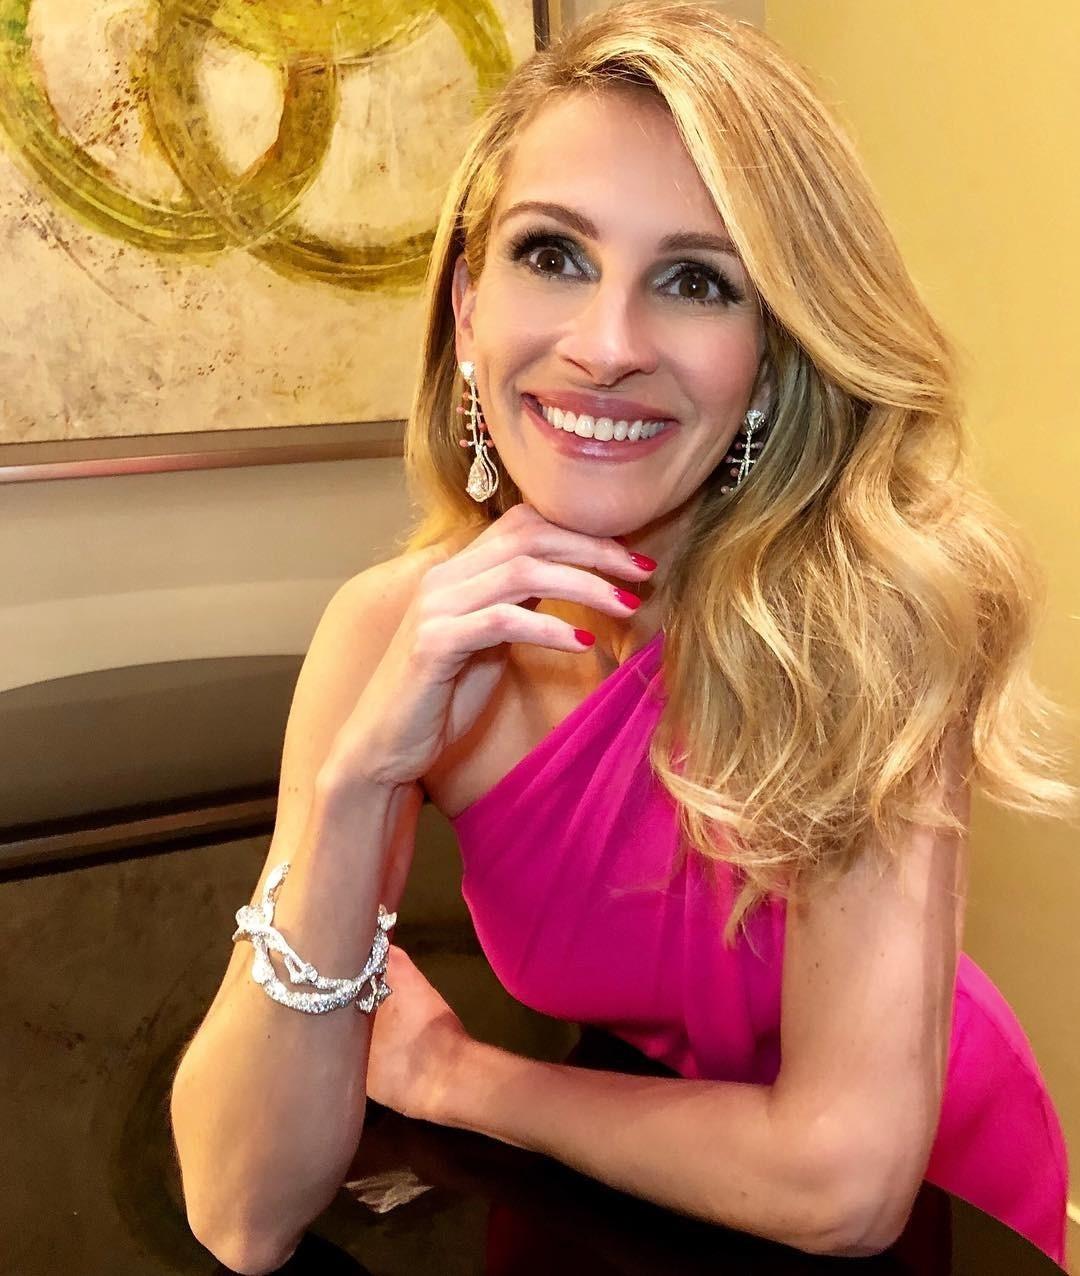 Джулия Робертс рассказала отрагичной концовке фильма «Красотка»